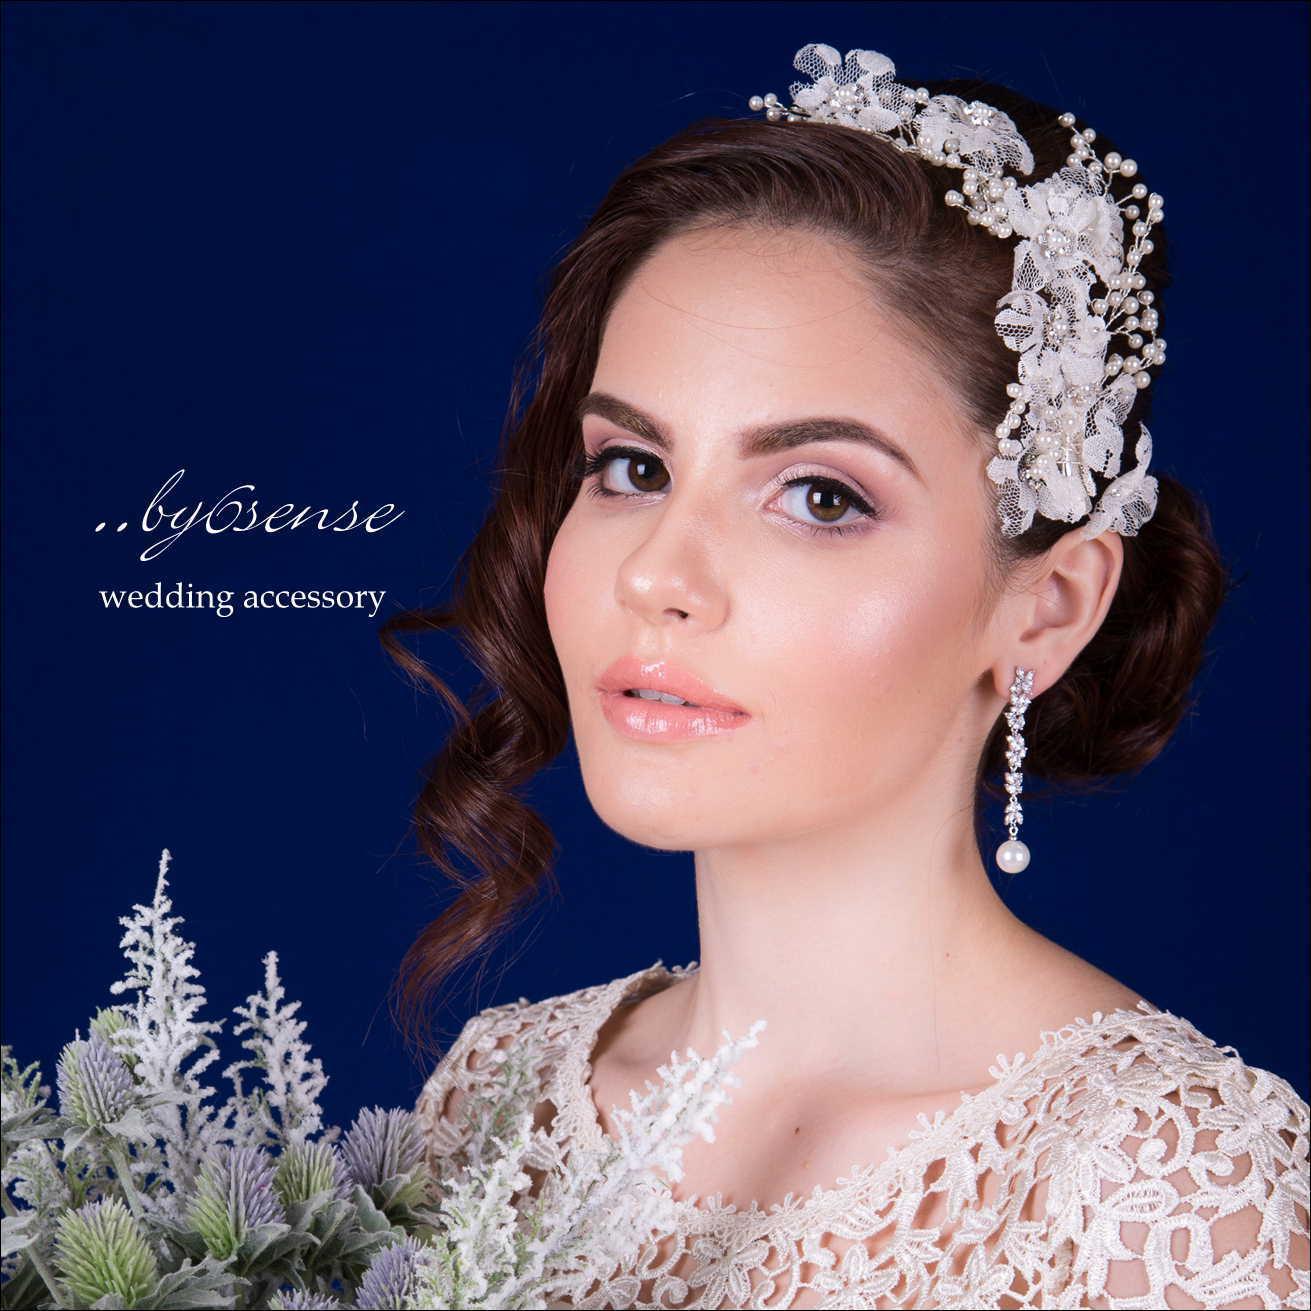 ウェディングヘアアクセサリー レース&パール クリップタイプ weddingaccessory オフホワイト